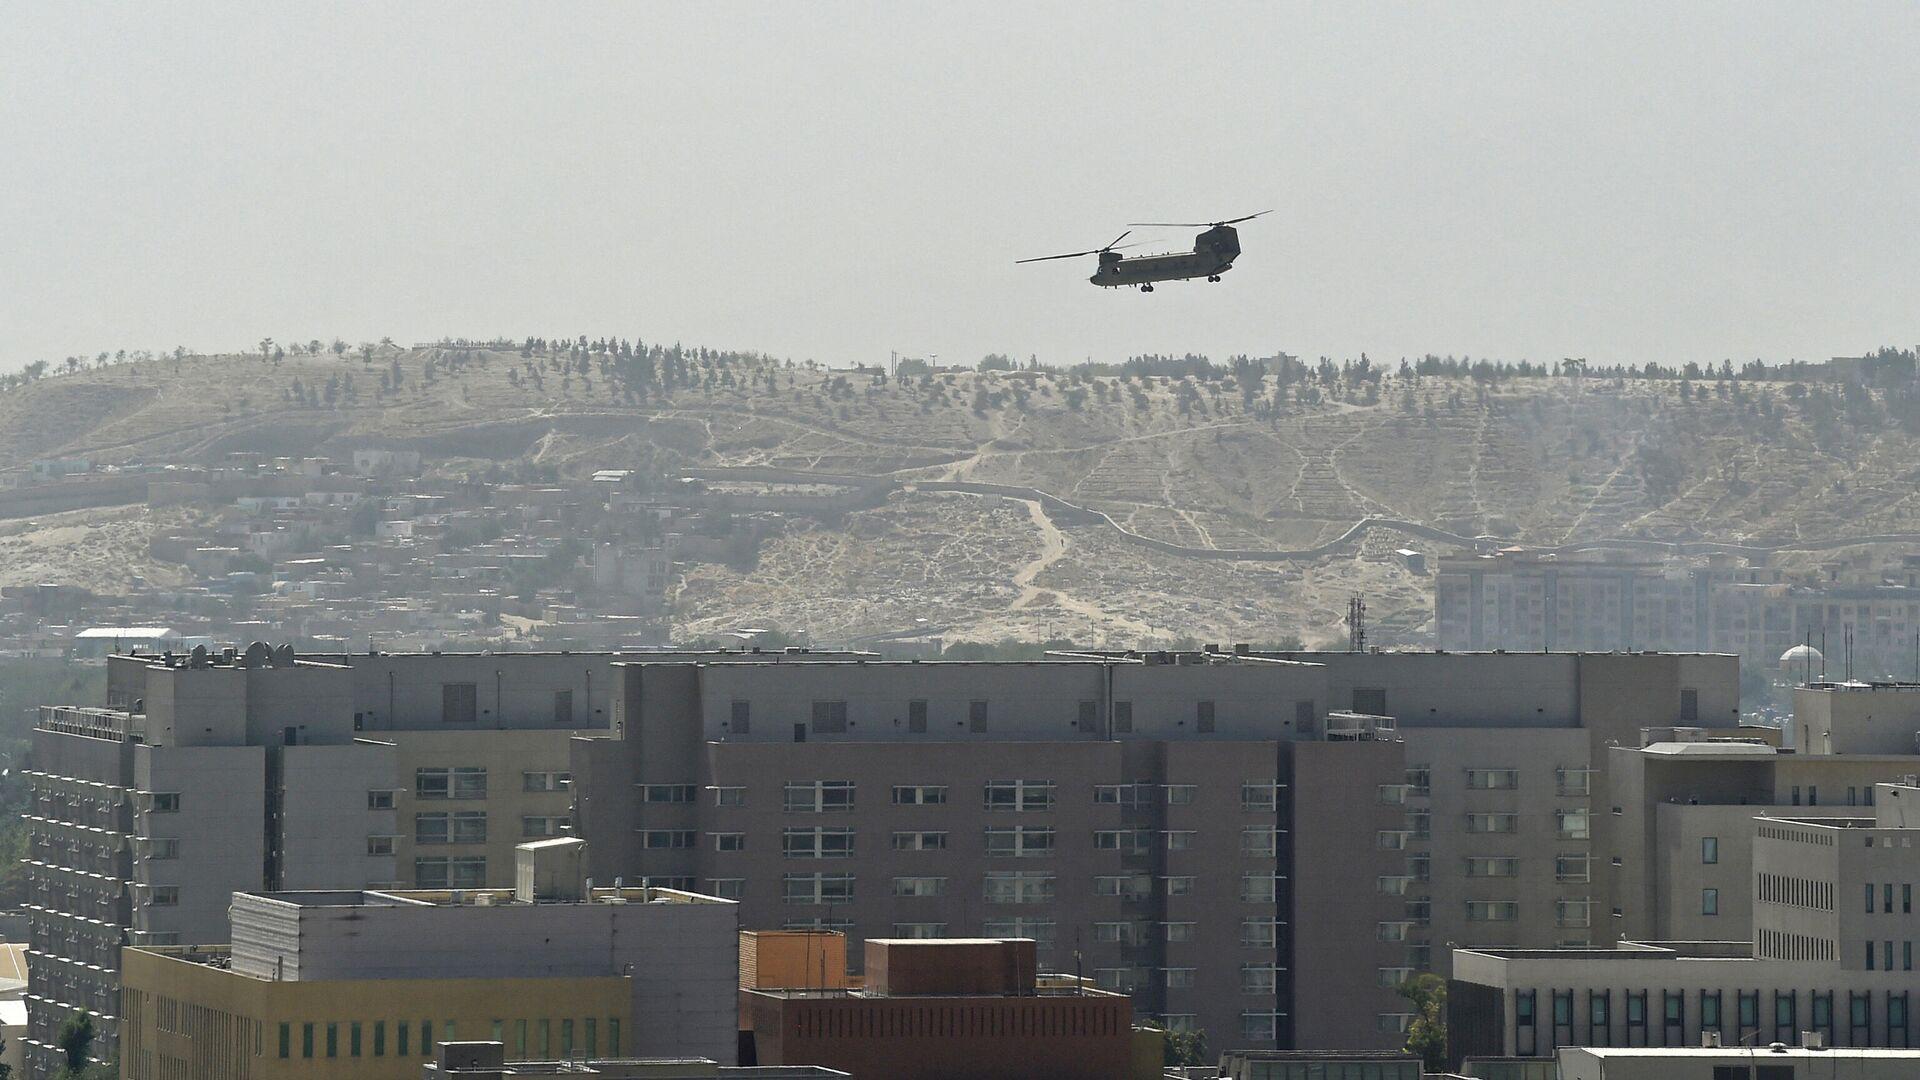 Un helicóptero militar estadounidense volando sobre la embajada de Estados Unidos en Kabul el 15 de agosto de 2021 - Sputnik Mundo, 1920, 16.08.2021